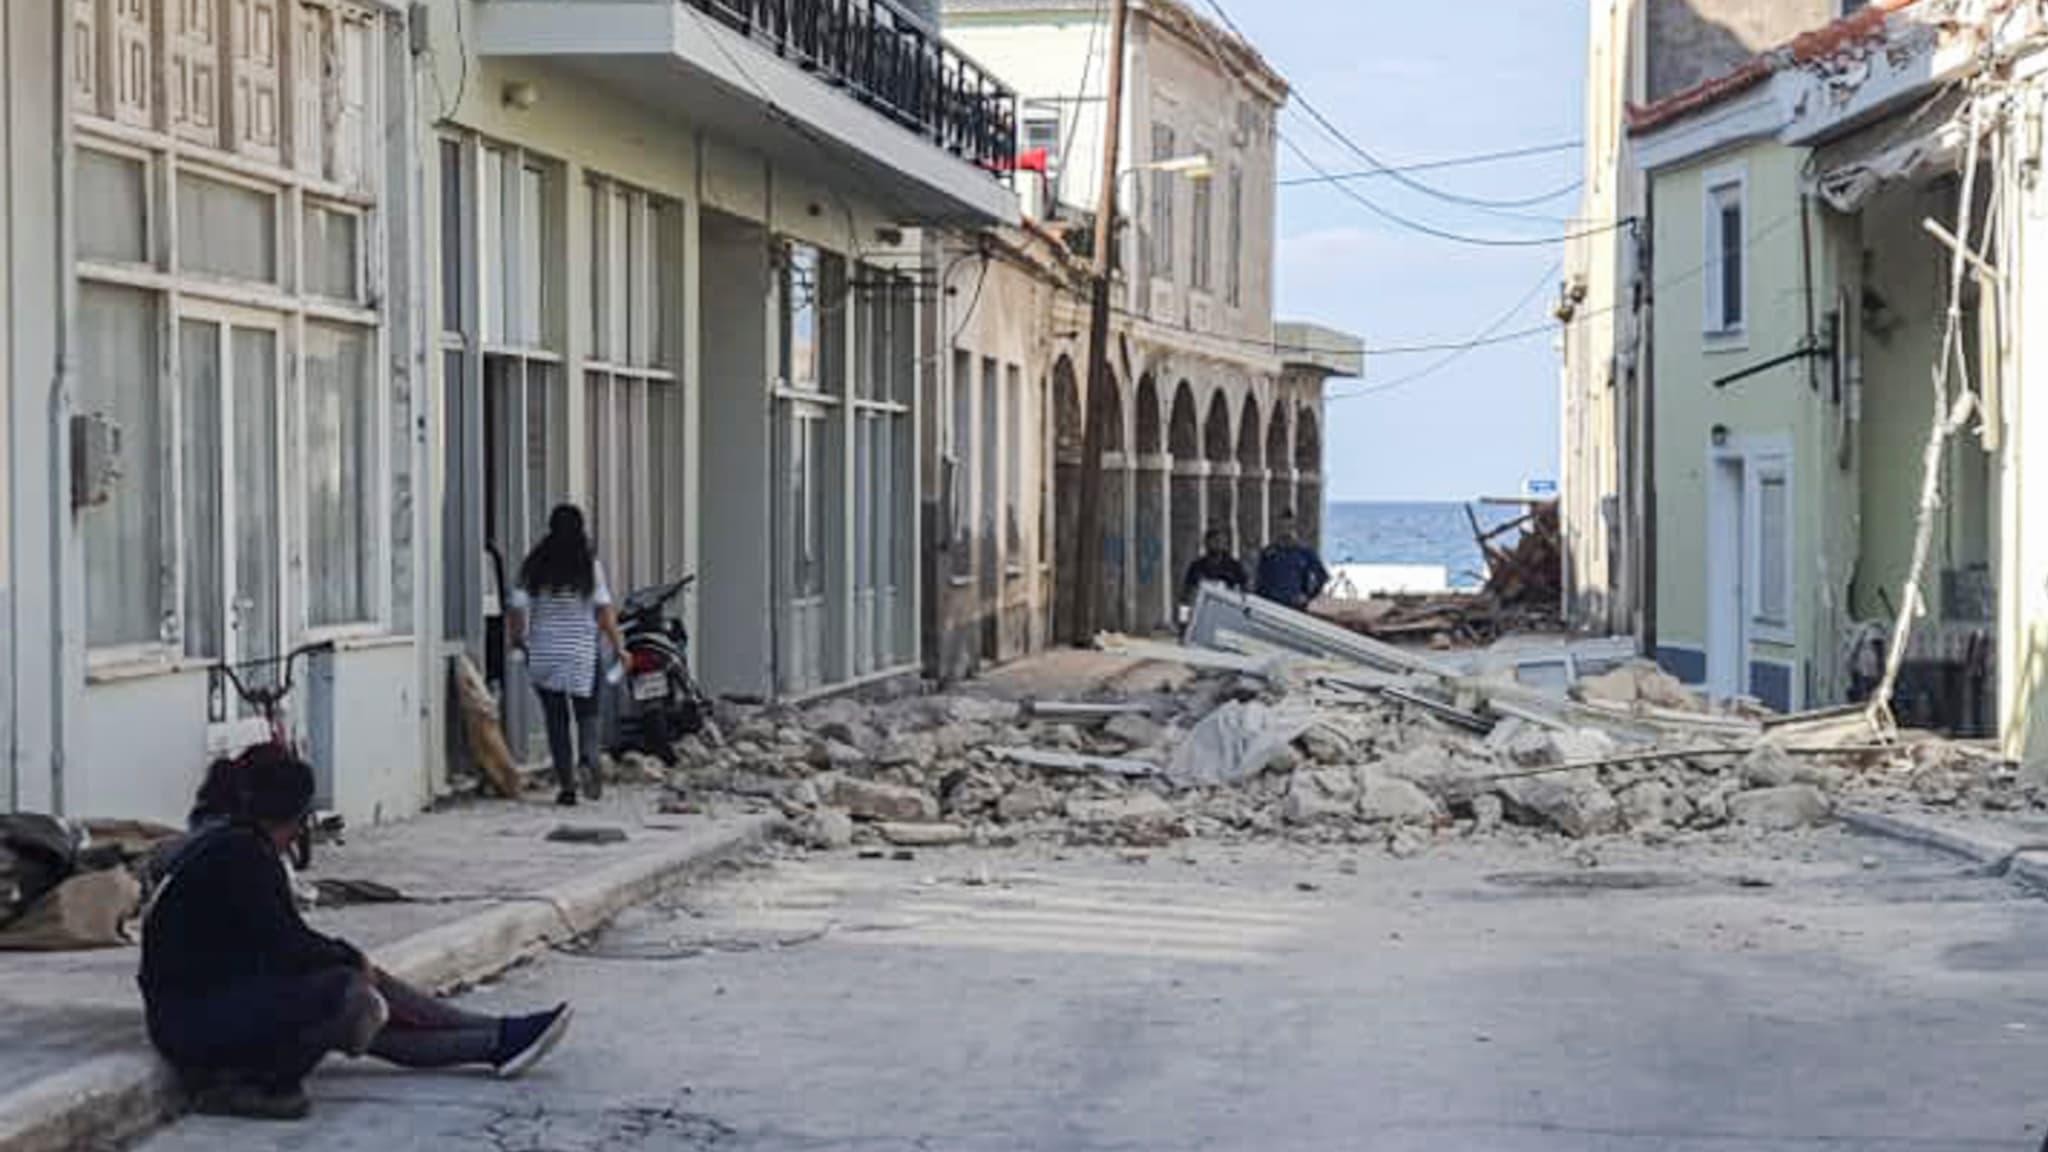 Séisme en mer Egée: Paris propose d'aider la Turquie et la Grèce